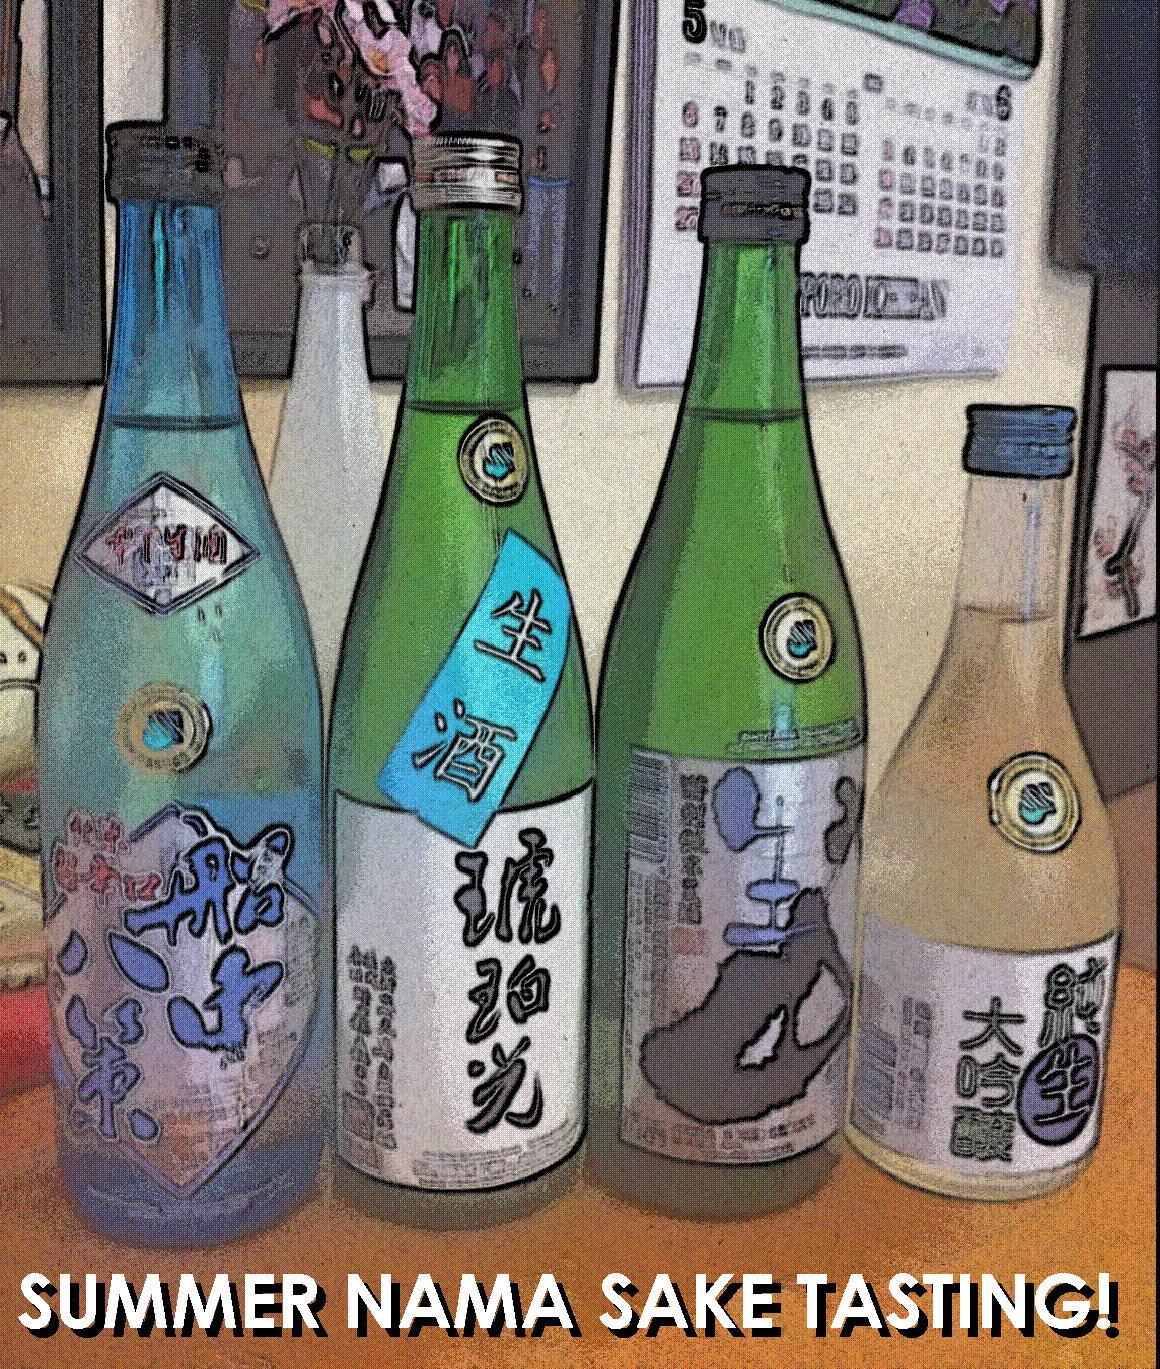 Summer Nama Sake Tasting